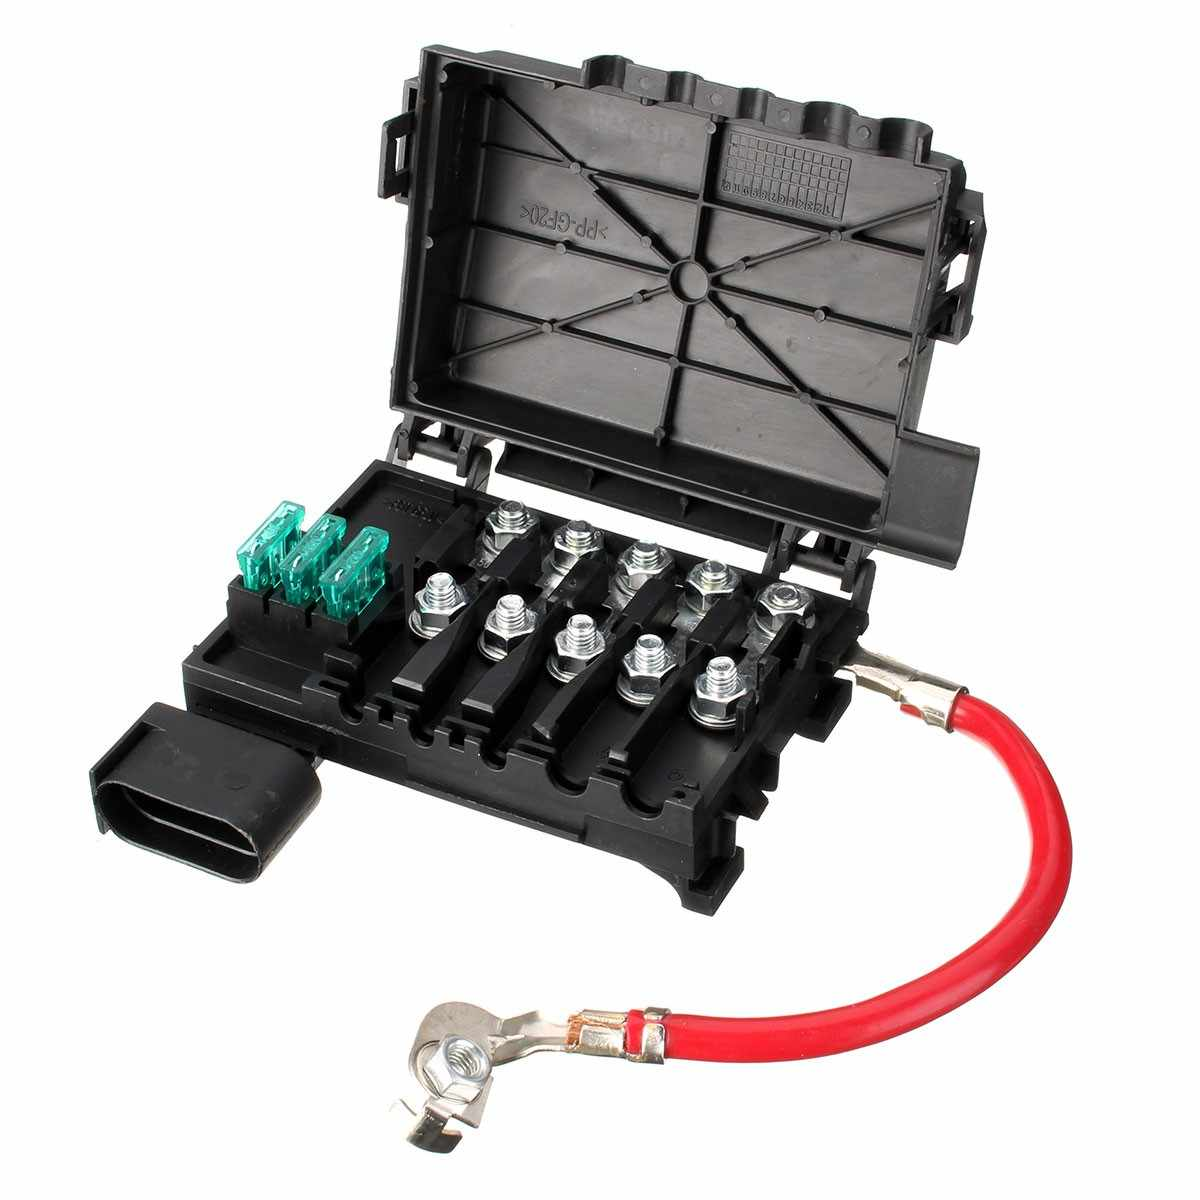 new fuse box for vw beetle golf jetta 1j0937617d 1j0937550 1j0937550aa 1j0937550ab ac ad [ 1200 x 1200 Pixel ]